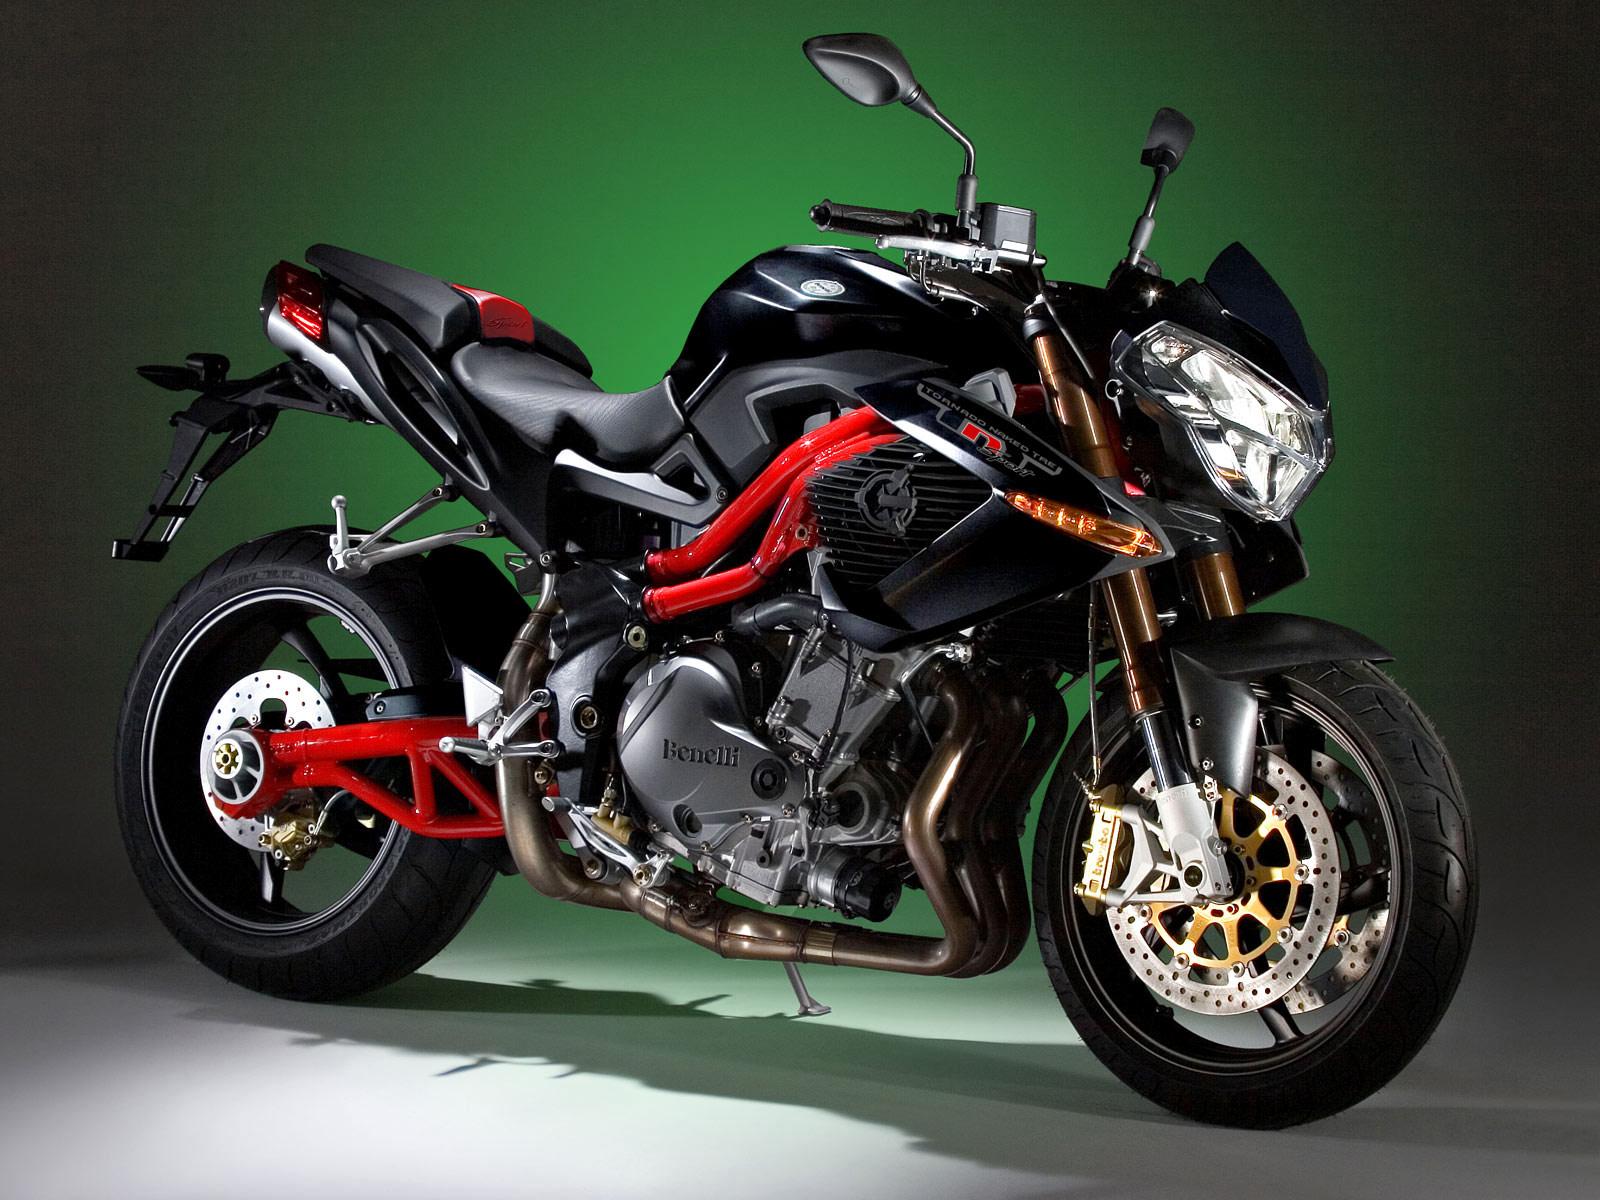 http://3.bp.blogspot.com/--ZnrM-qQ6PU/Tr22Za_lO6I/AAAAAAAADtI/LTUTnSAO5A8/s1600/2006_Benelli-TNT-Sport_motorcycle-desktop-wallpaper_1.jpg